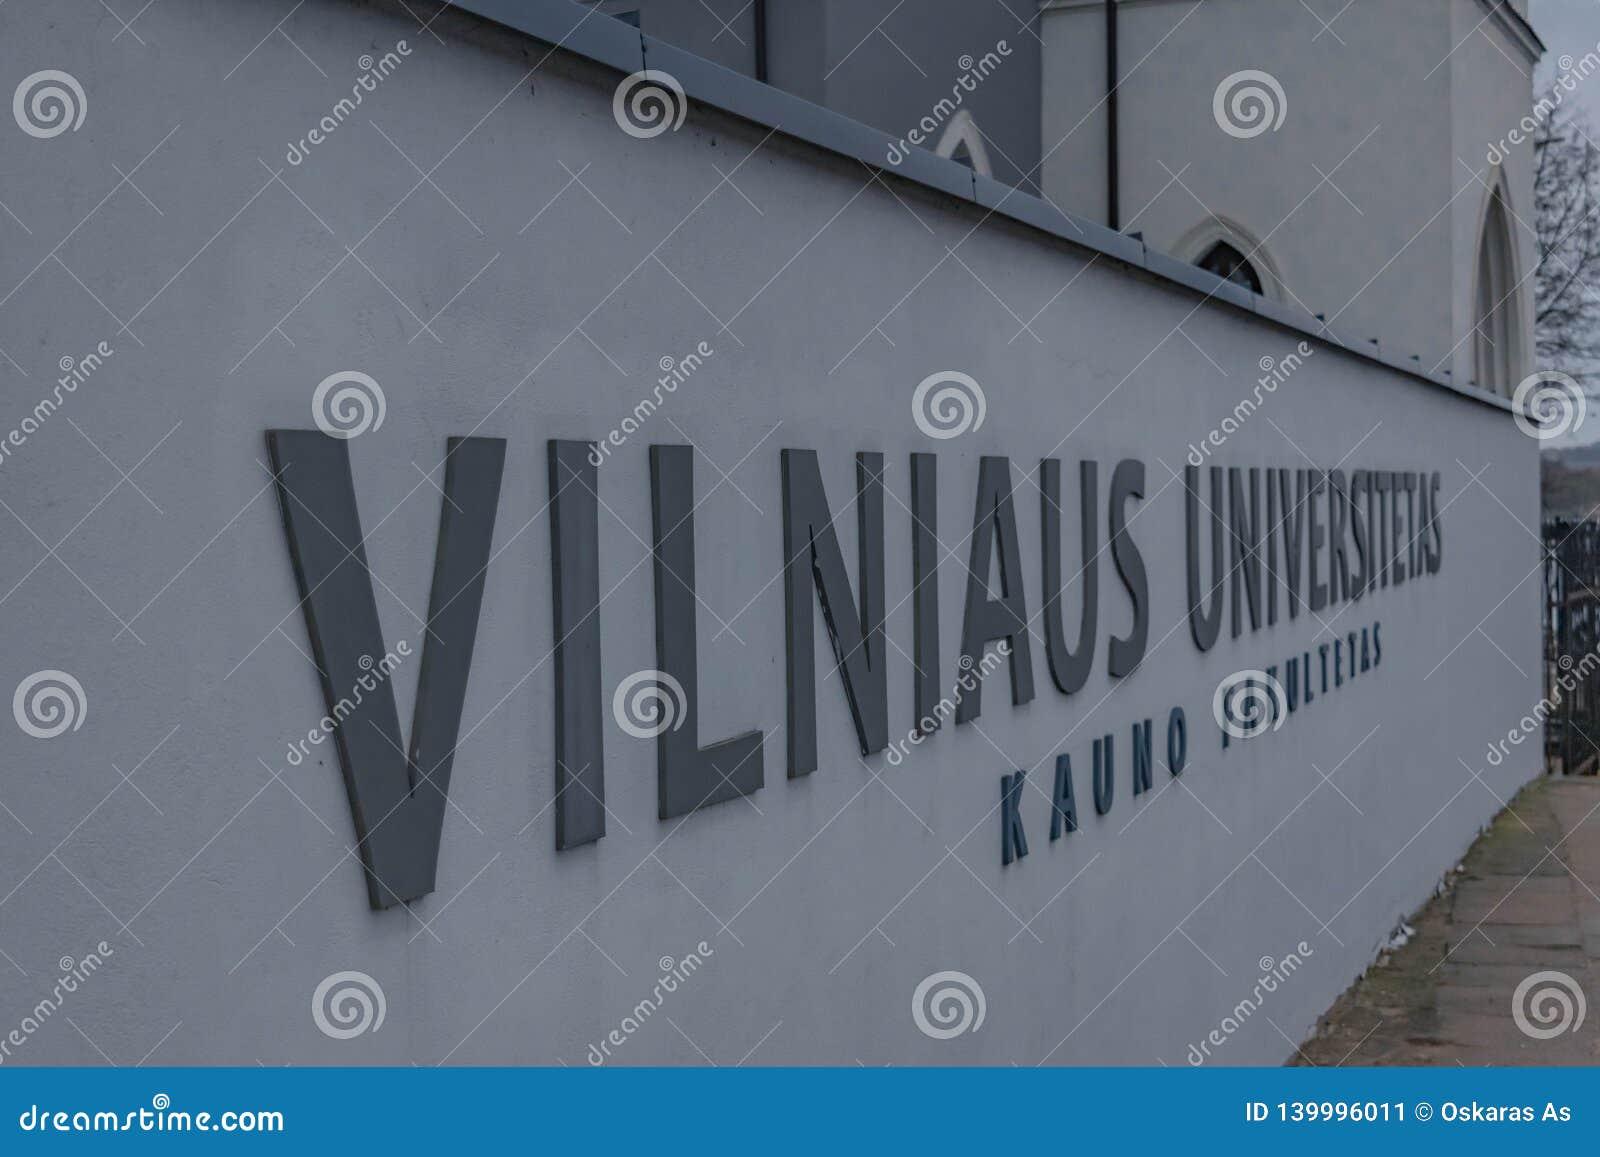 Universidade de Vilnius em Kaunas